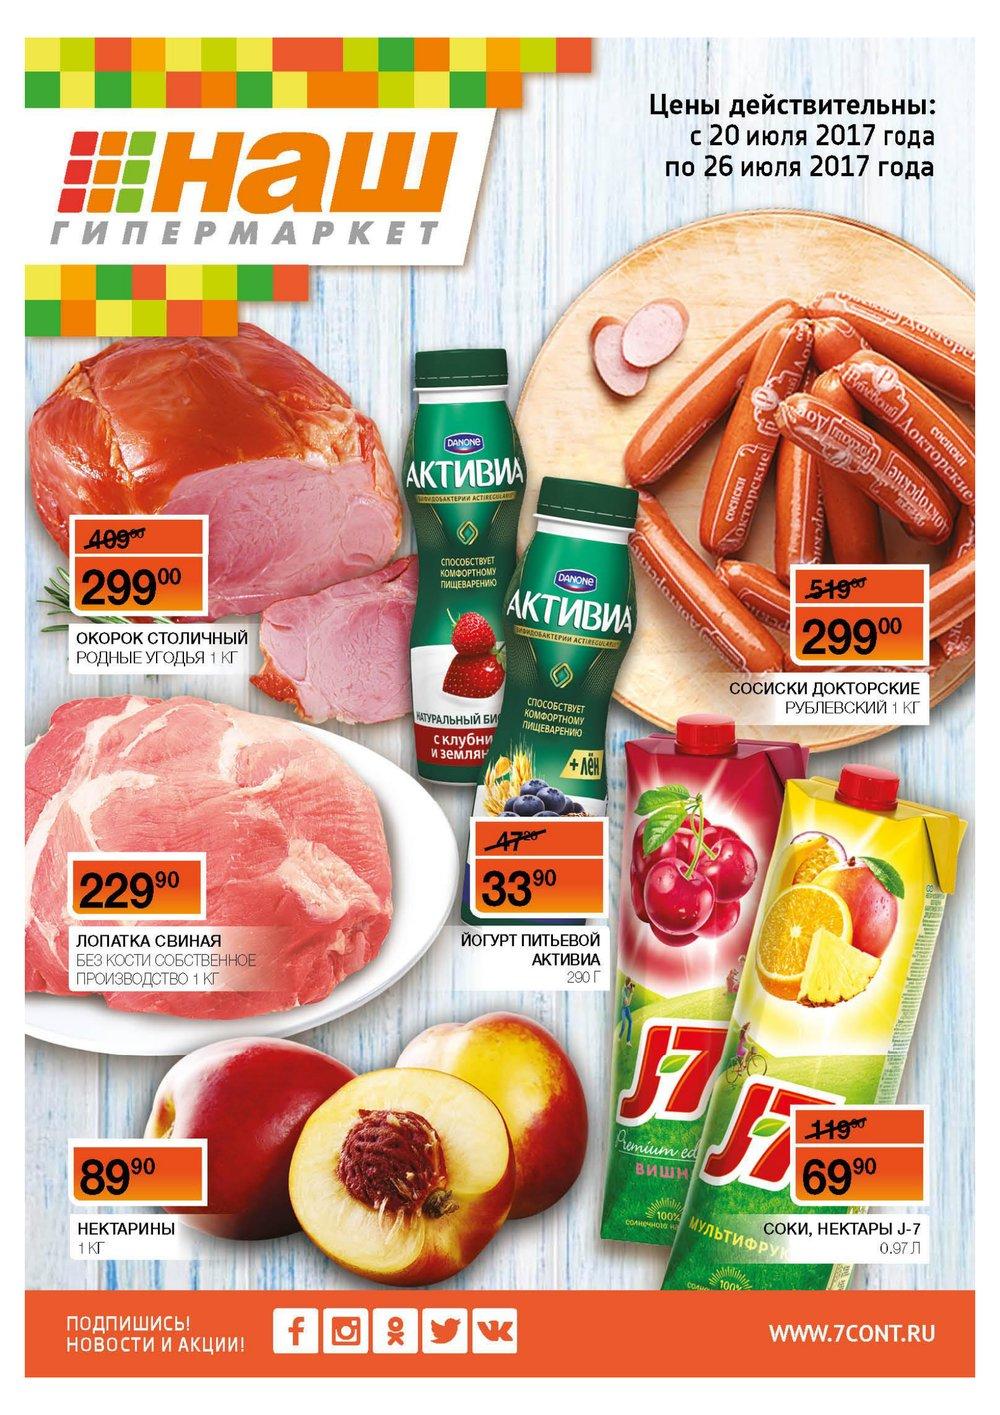 Каталог акций Наш Гипермаркет с 20 по 26 июля 2017 - стр. 1